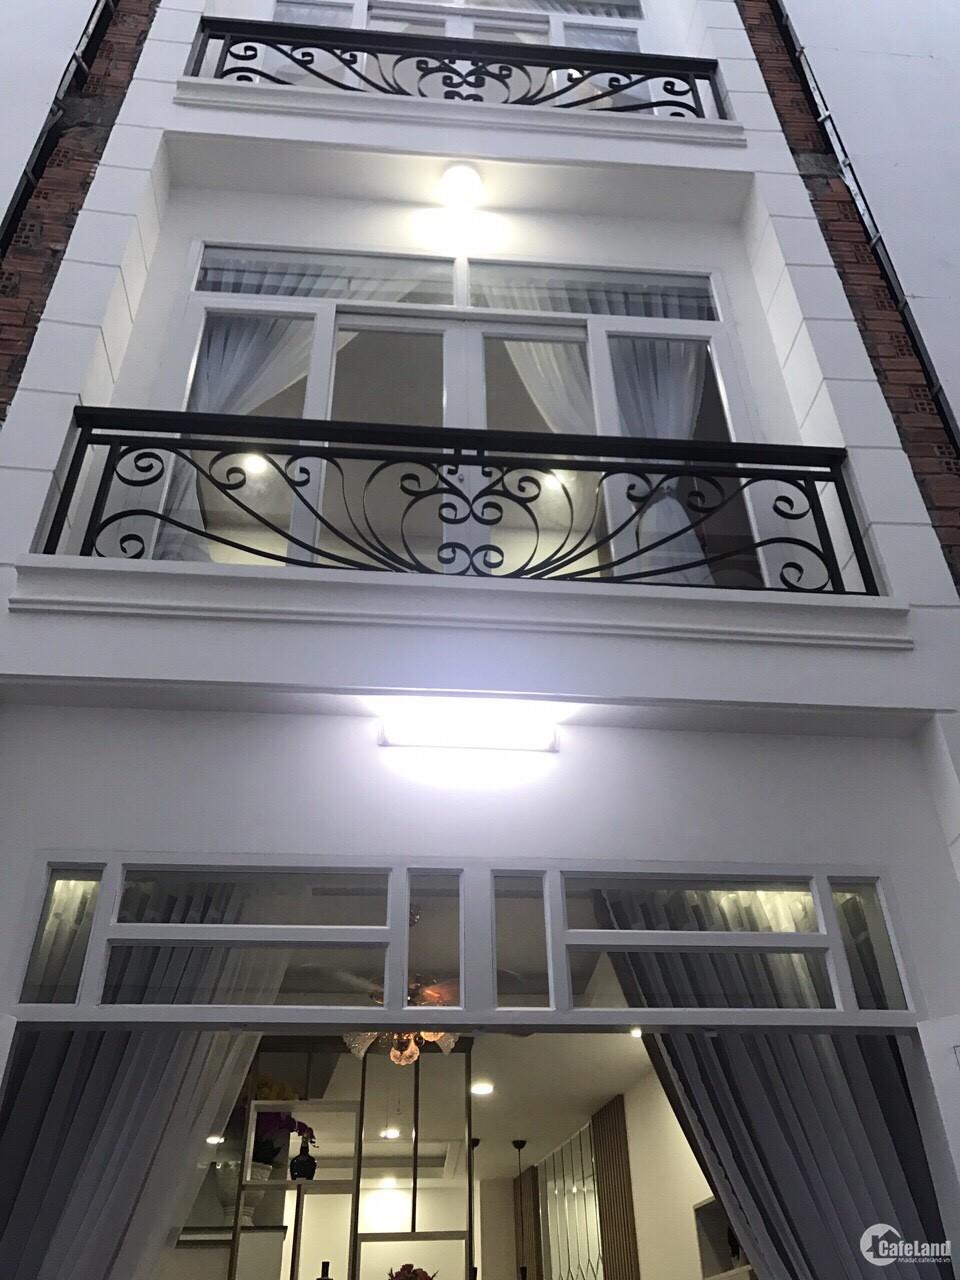 Bán nhà mặt phố, 1 trệt 2 lầu, 3 phòng ngủ, 3WC, Tô Ngọc Vân, quận 12.